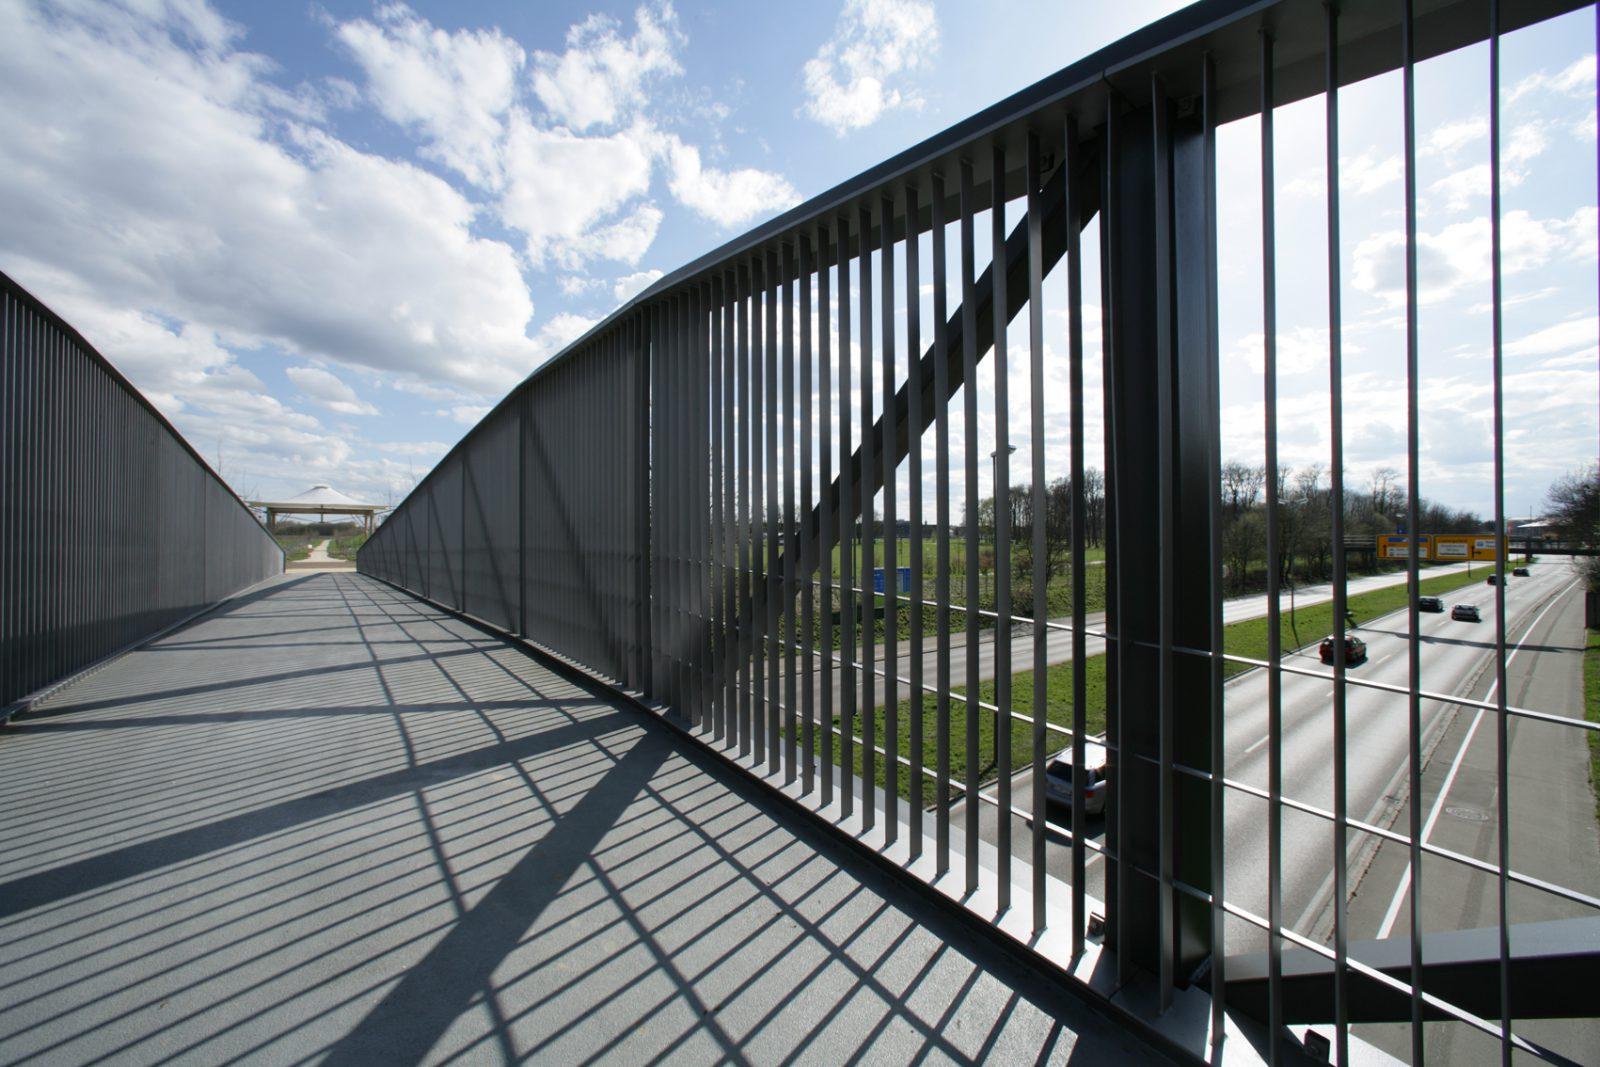 Fuß- und Radwegbrücke über Europastraße, Neu-Ulm